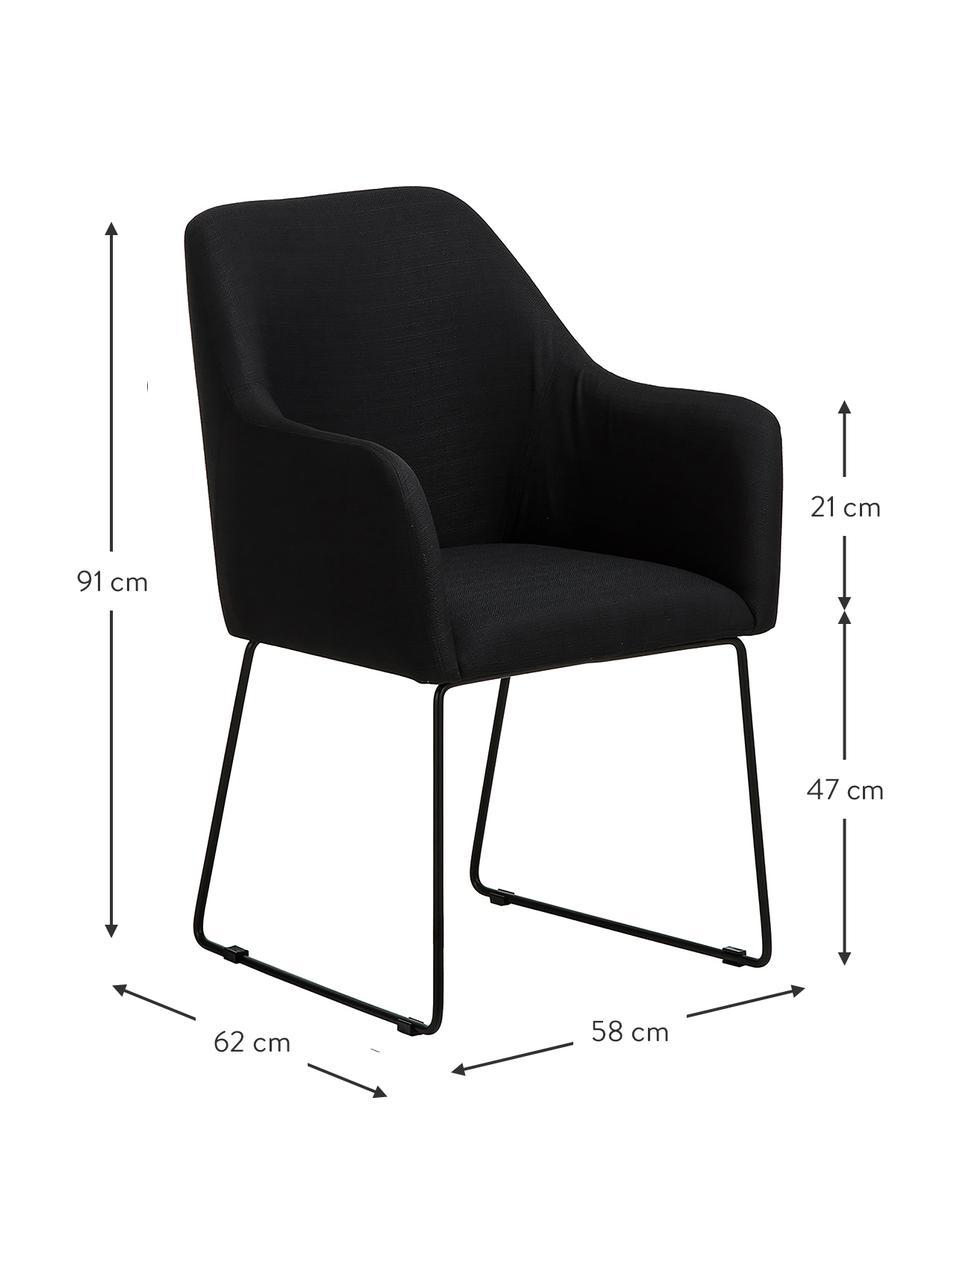 Židle spodručkami Isla, Černá Nohy: černá